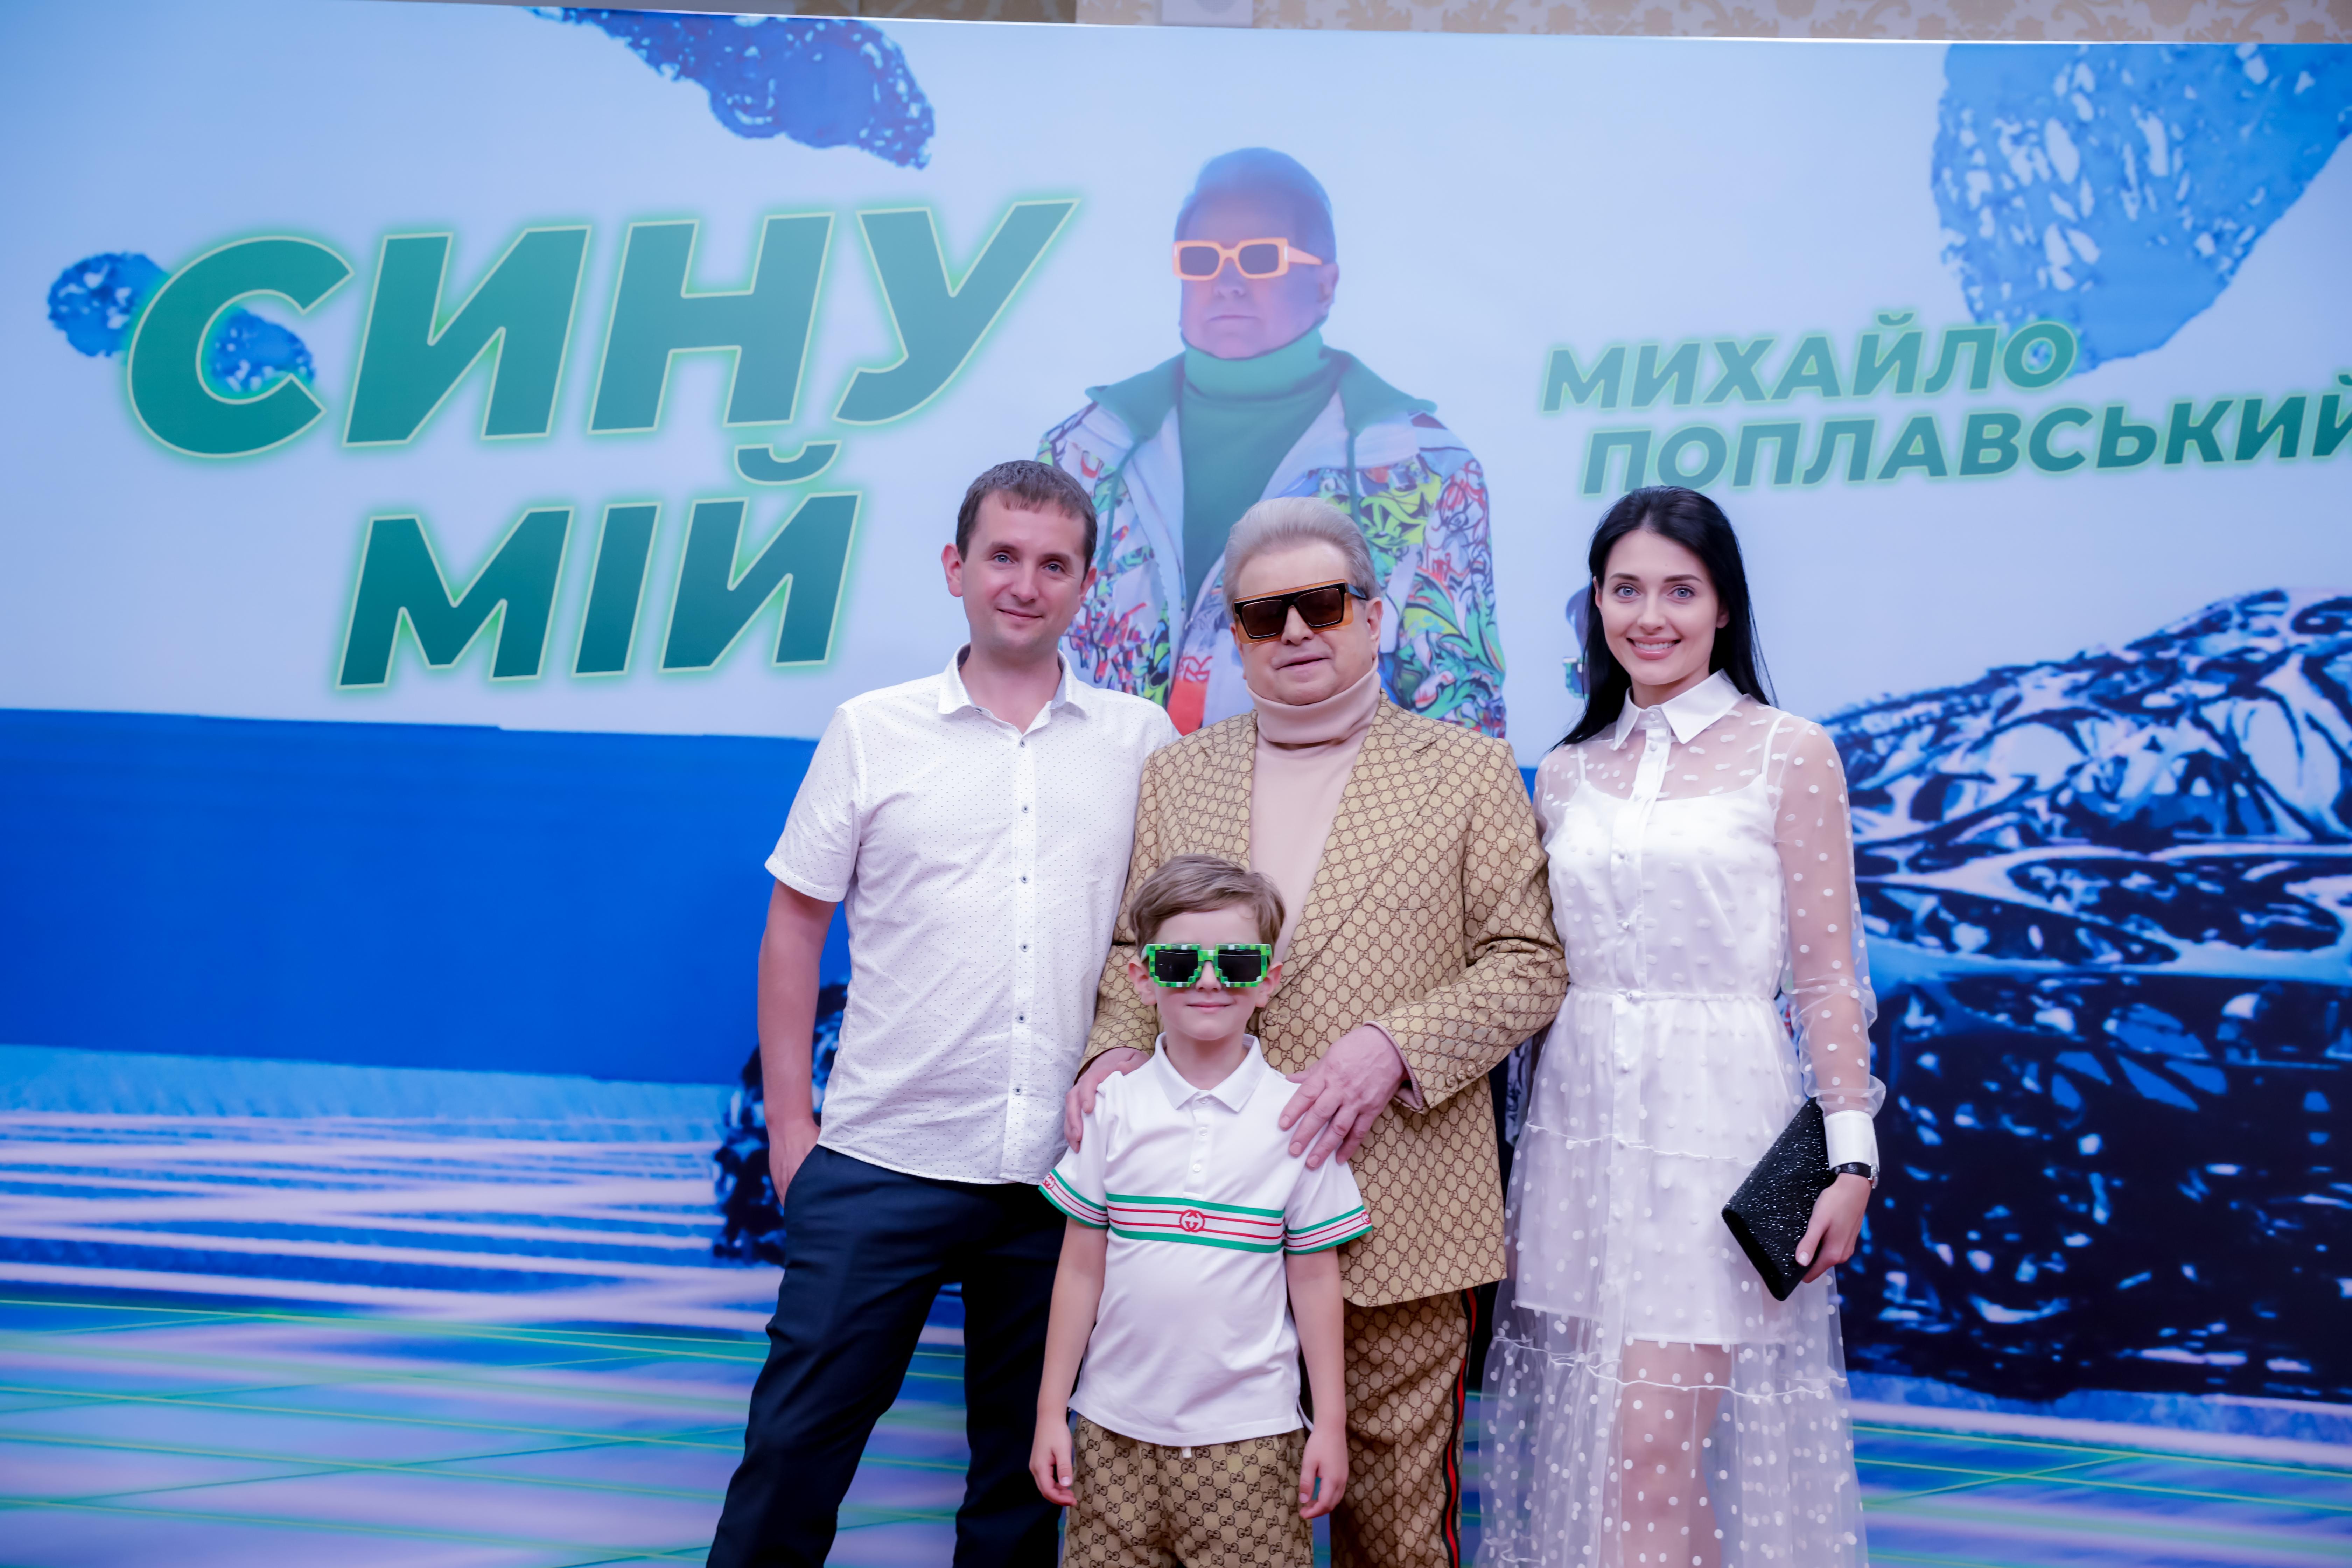 Михайло Поплавський – Сину мій: прем'єру кліпу дивитися онлайн